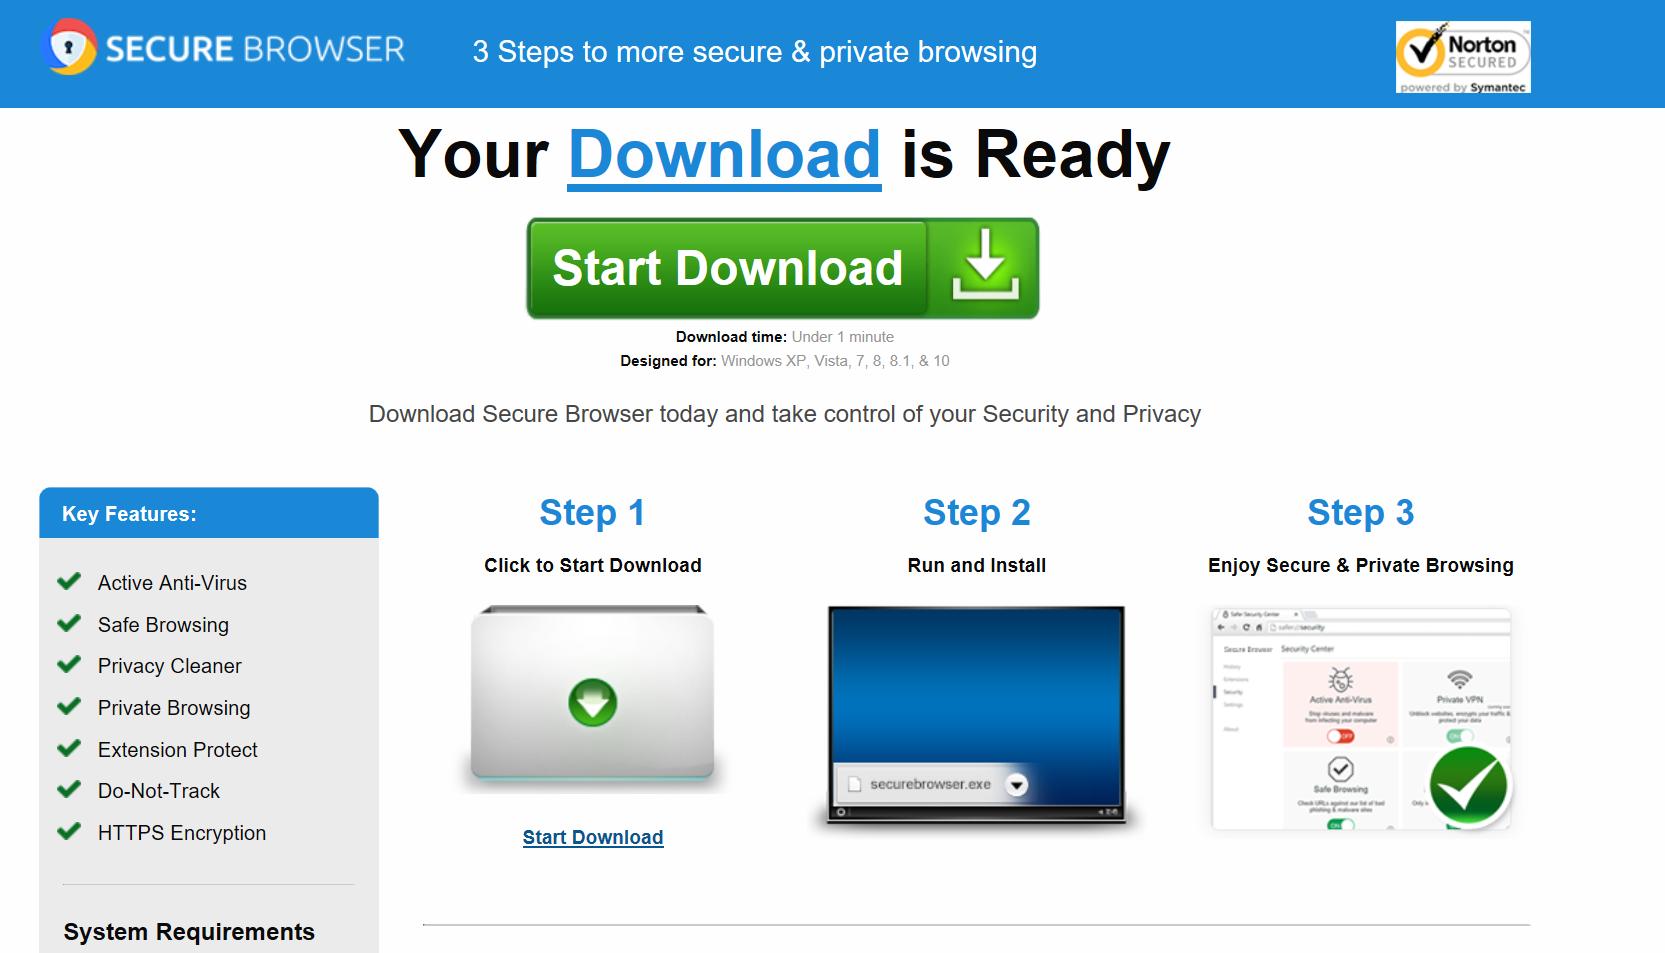 ads by Lp.securebrowser.com